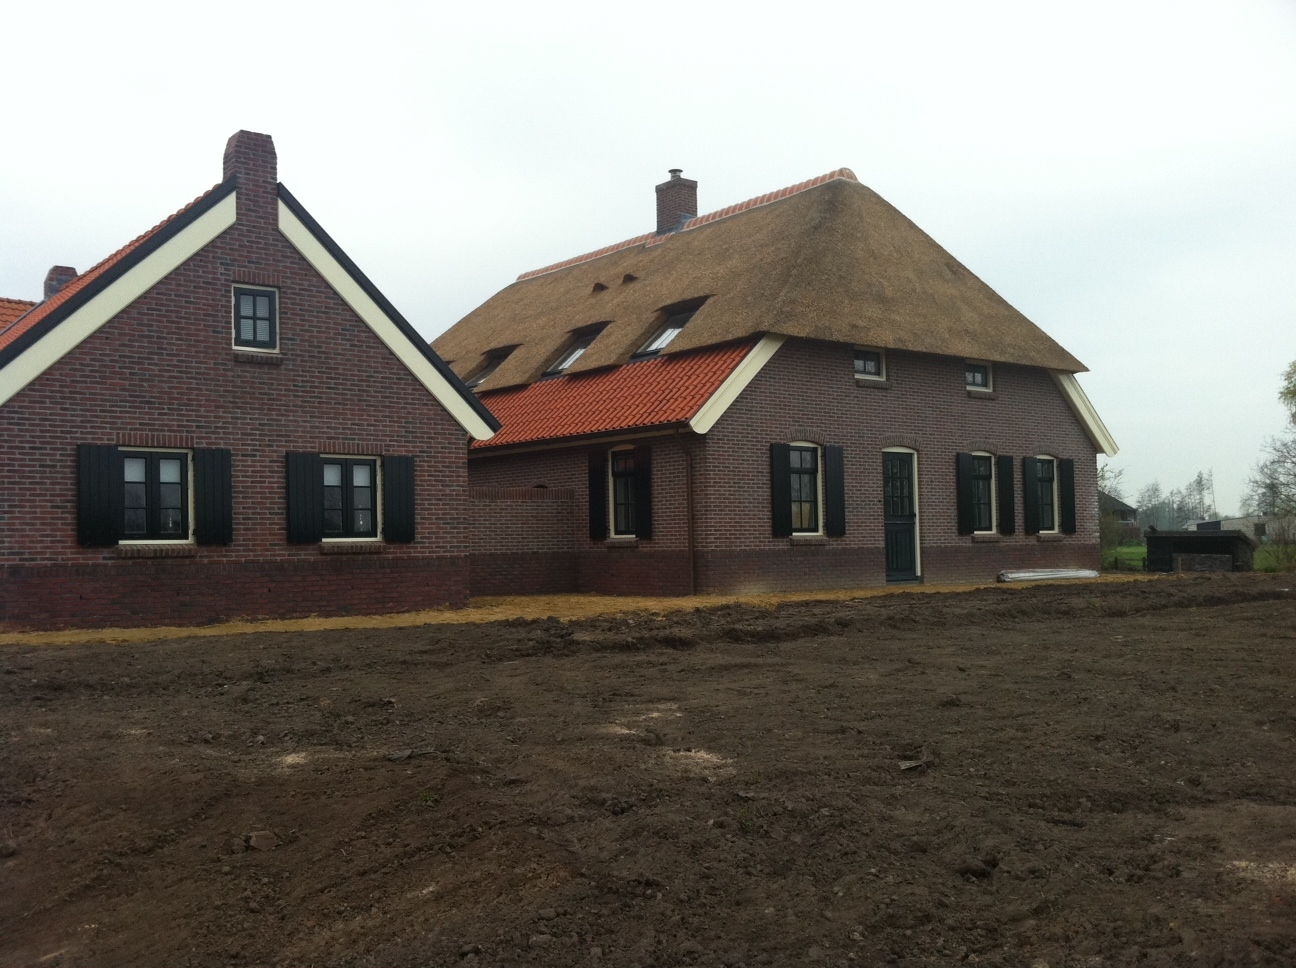 Nieuwbouw sfeervolle, nostalgische woonboerderij met bakhuis in Putten